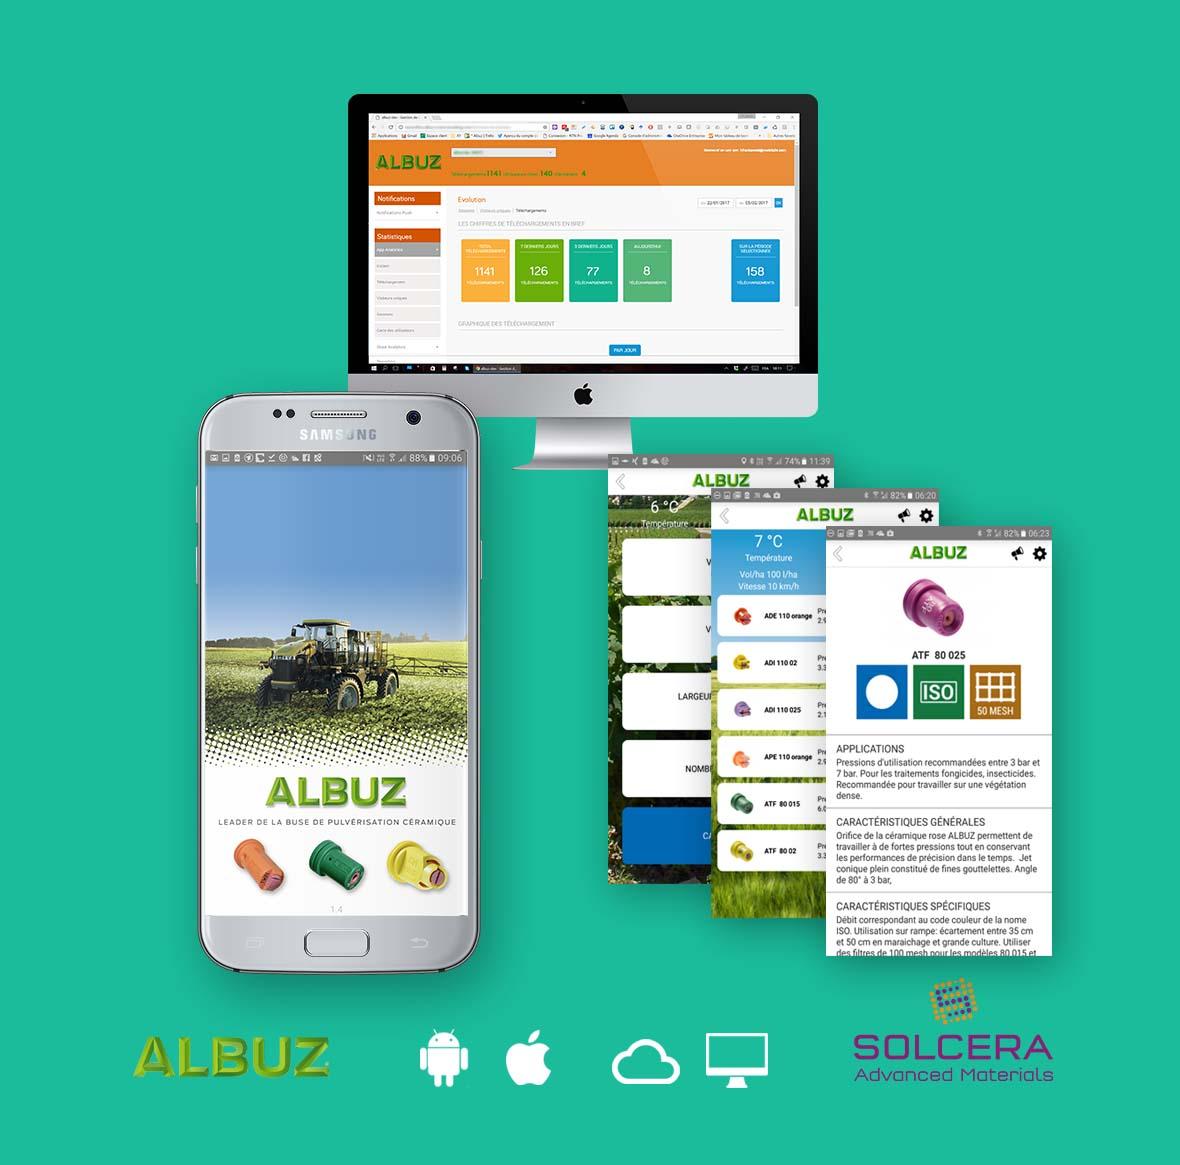 """Plus d'information sur notre living app intégrée """"Albuz"""" : Agrandissement d'un réseau de distribution international appuyé par une app innovative pour iOS et Android, qui révolutionne la sélection produit grâce à des calcul interactif multifactoriel intégrant une base de donnée Big Data avec plus de 40.0000 stations de mesure"""